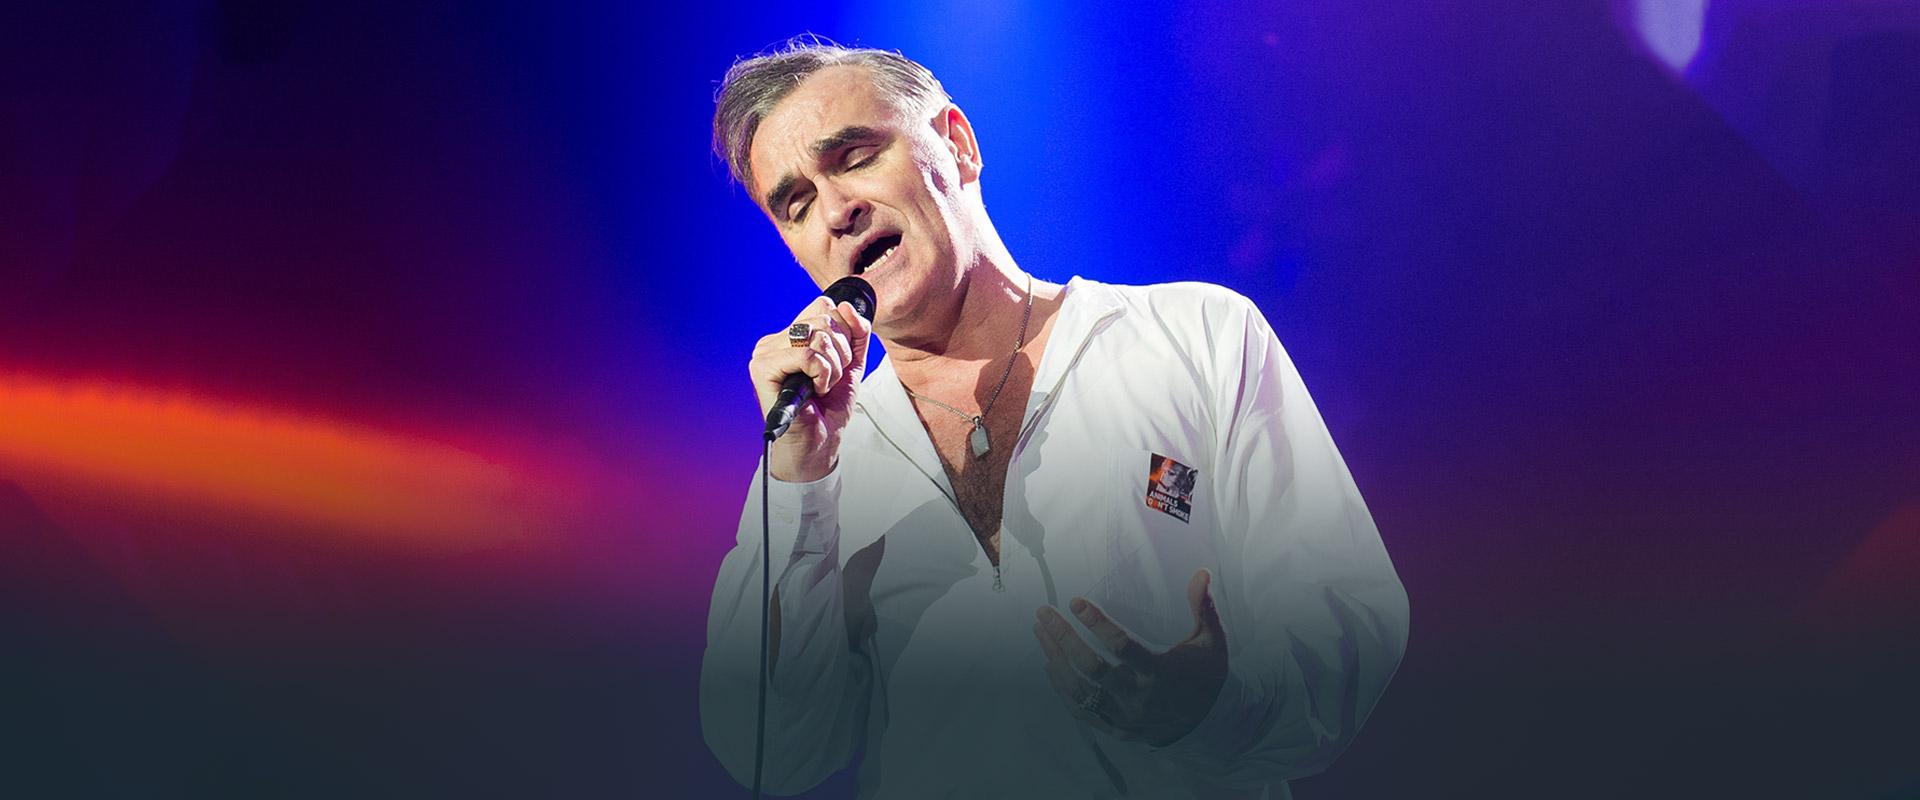 Placeholder - loading - Imagem da notícia Morrissey é o Artista da Semana